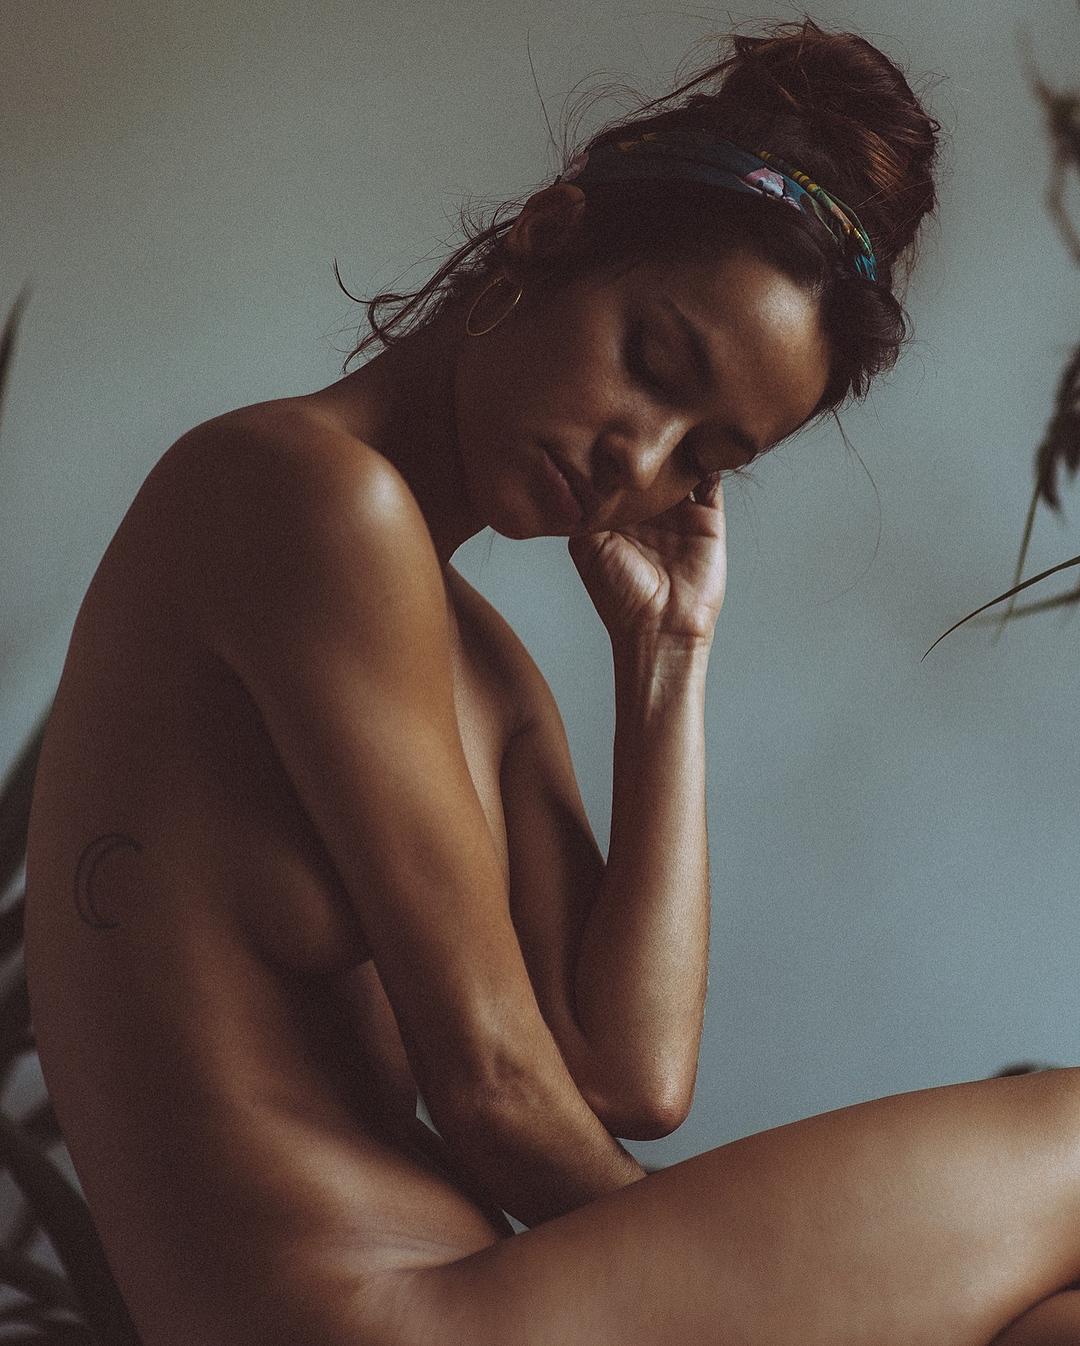 Красивые девушки на снимках фотографа Дейвиса Малты